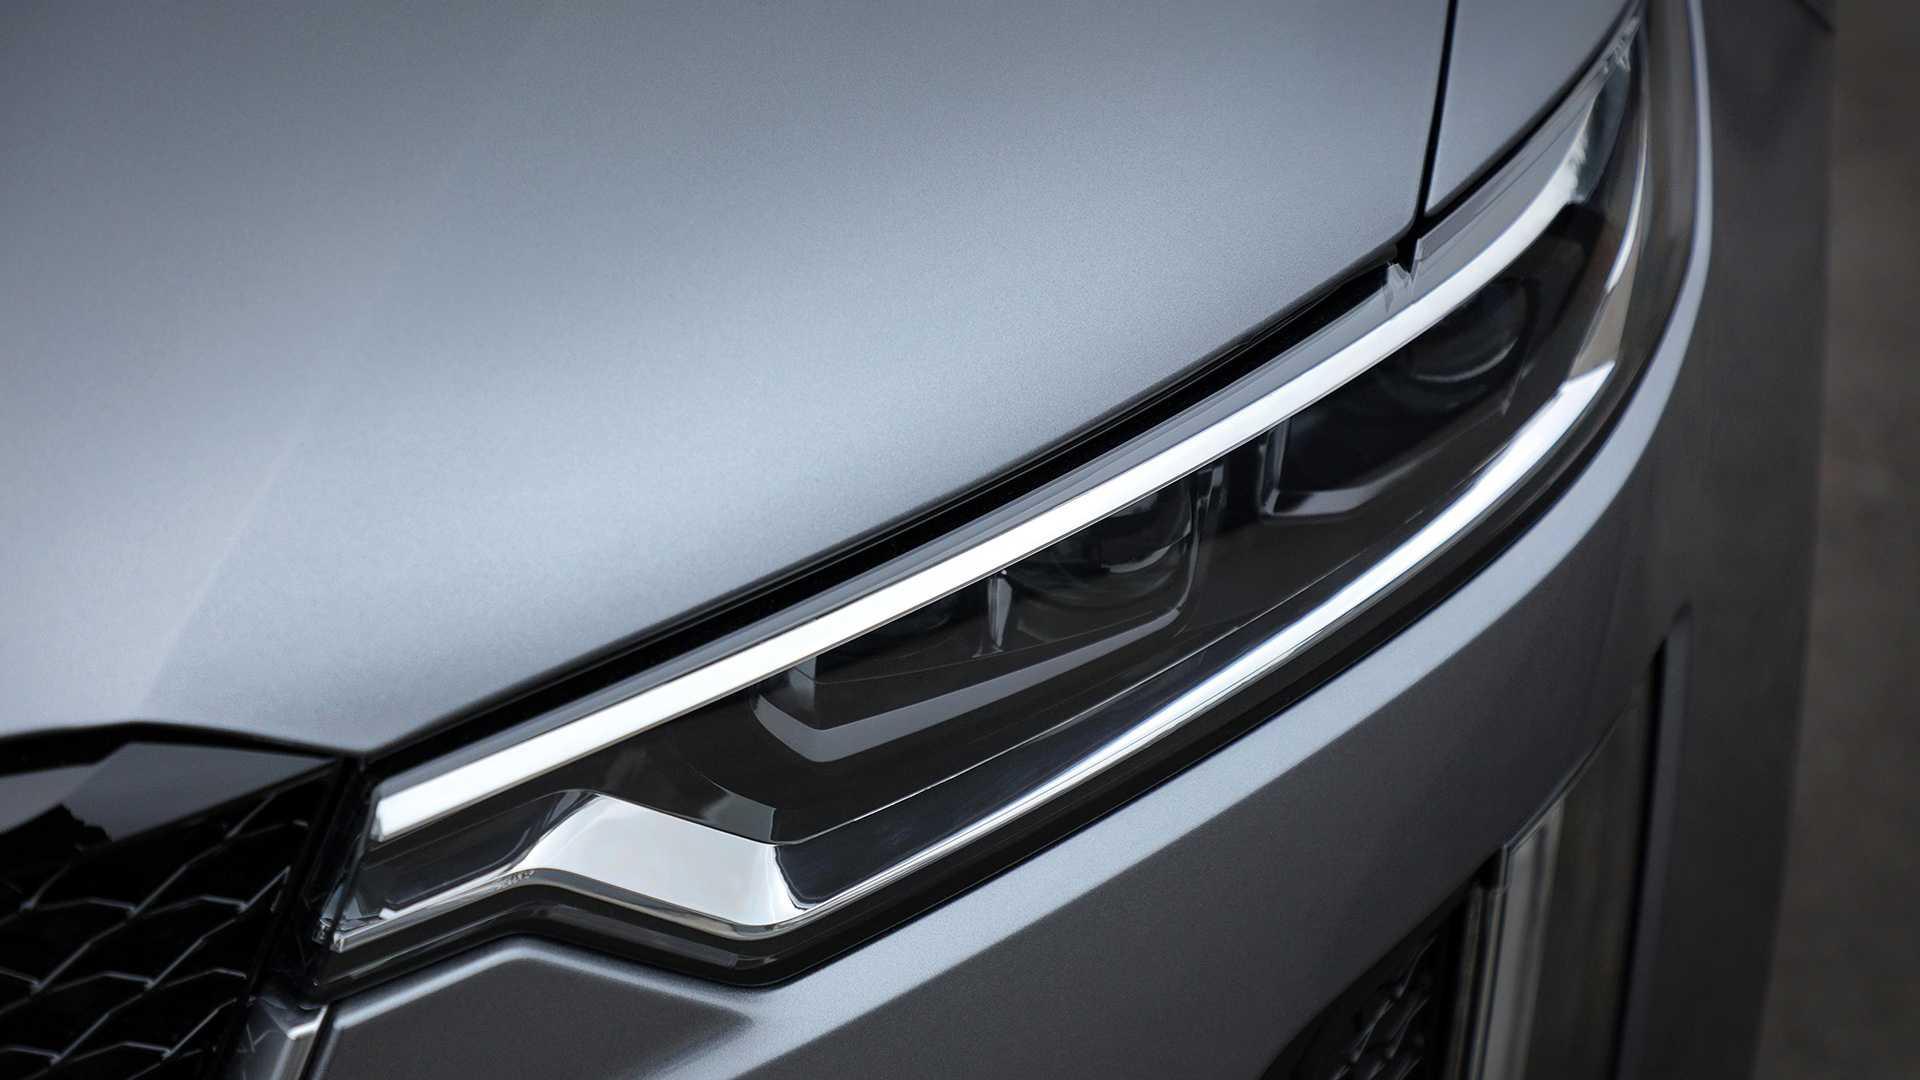 2020 Cadillac Xt6 Revealed Ahead Of World Debut At Naias